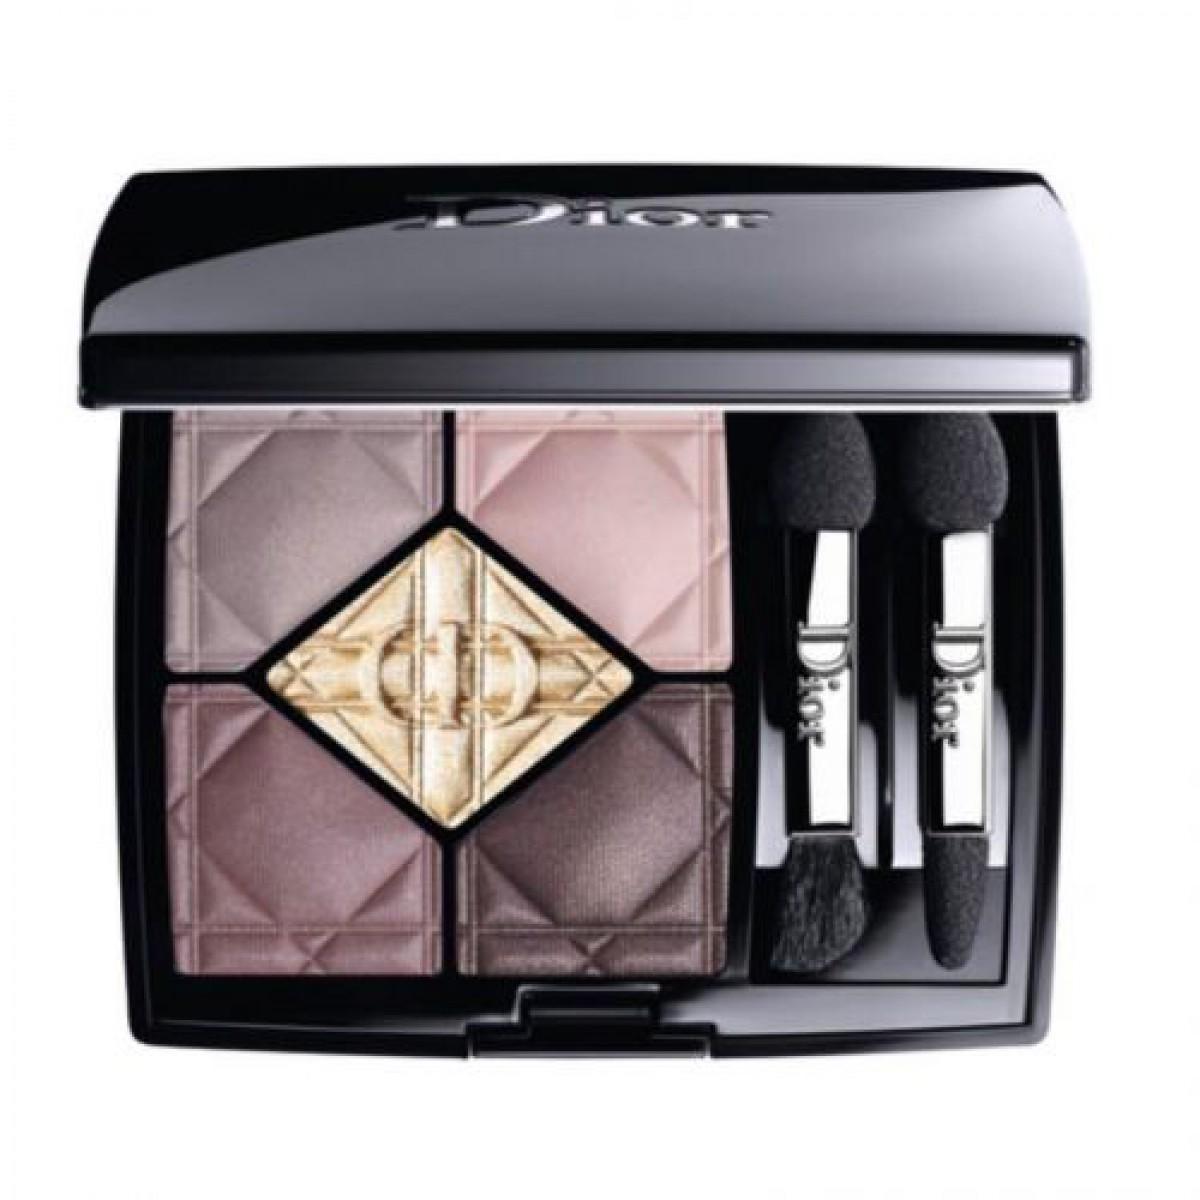 Dior バックステージ限定 サンク827 ヴァイオレットガーデン☆大人の遊び心と品のある華やかな目元に